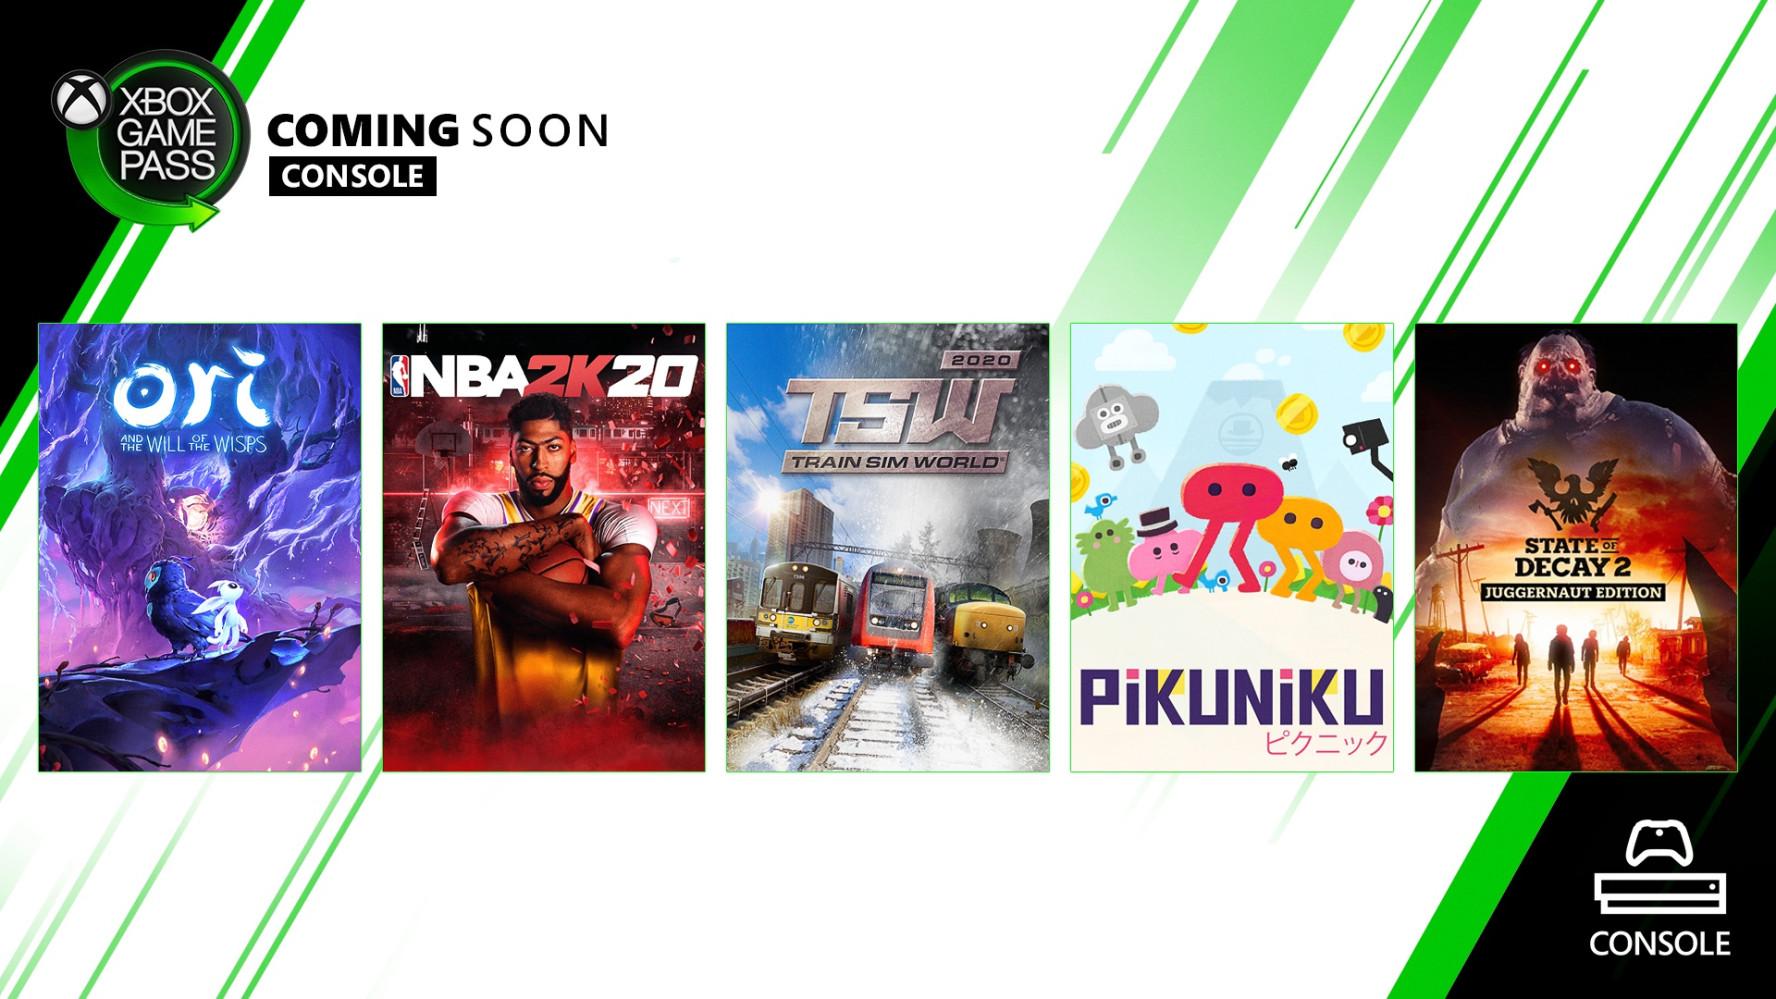 三月XGP新游戏:《NBA 2K20》《精灵与萤火意志》等